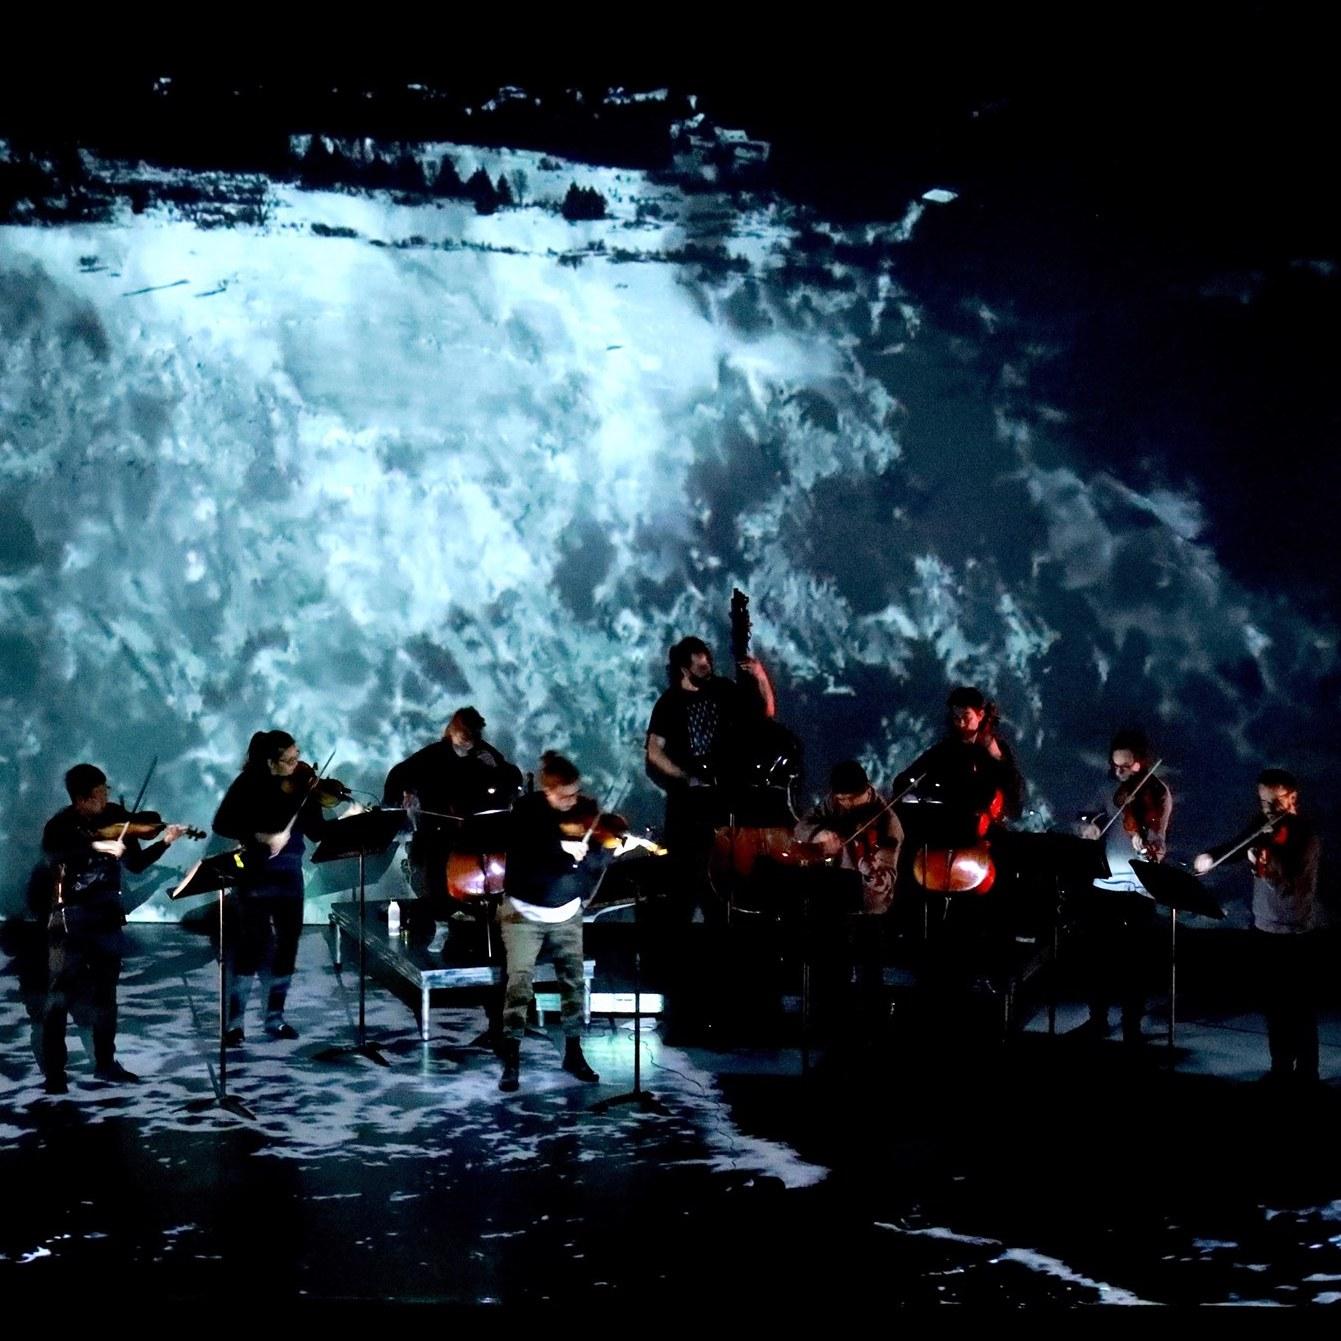 Pièce pour l'ensemble collectif9 (9 cordes, vidéo), de Myriam Boucher et Pierre-Luc Lecours. - Myriam Boucher et Pierre-Luc Lecours